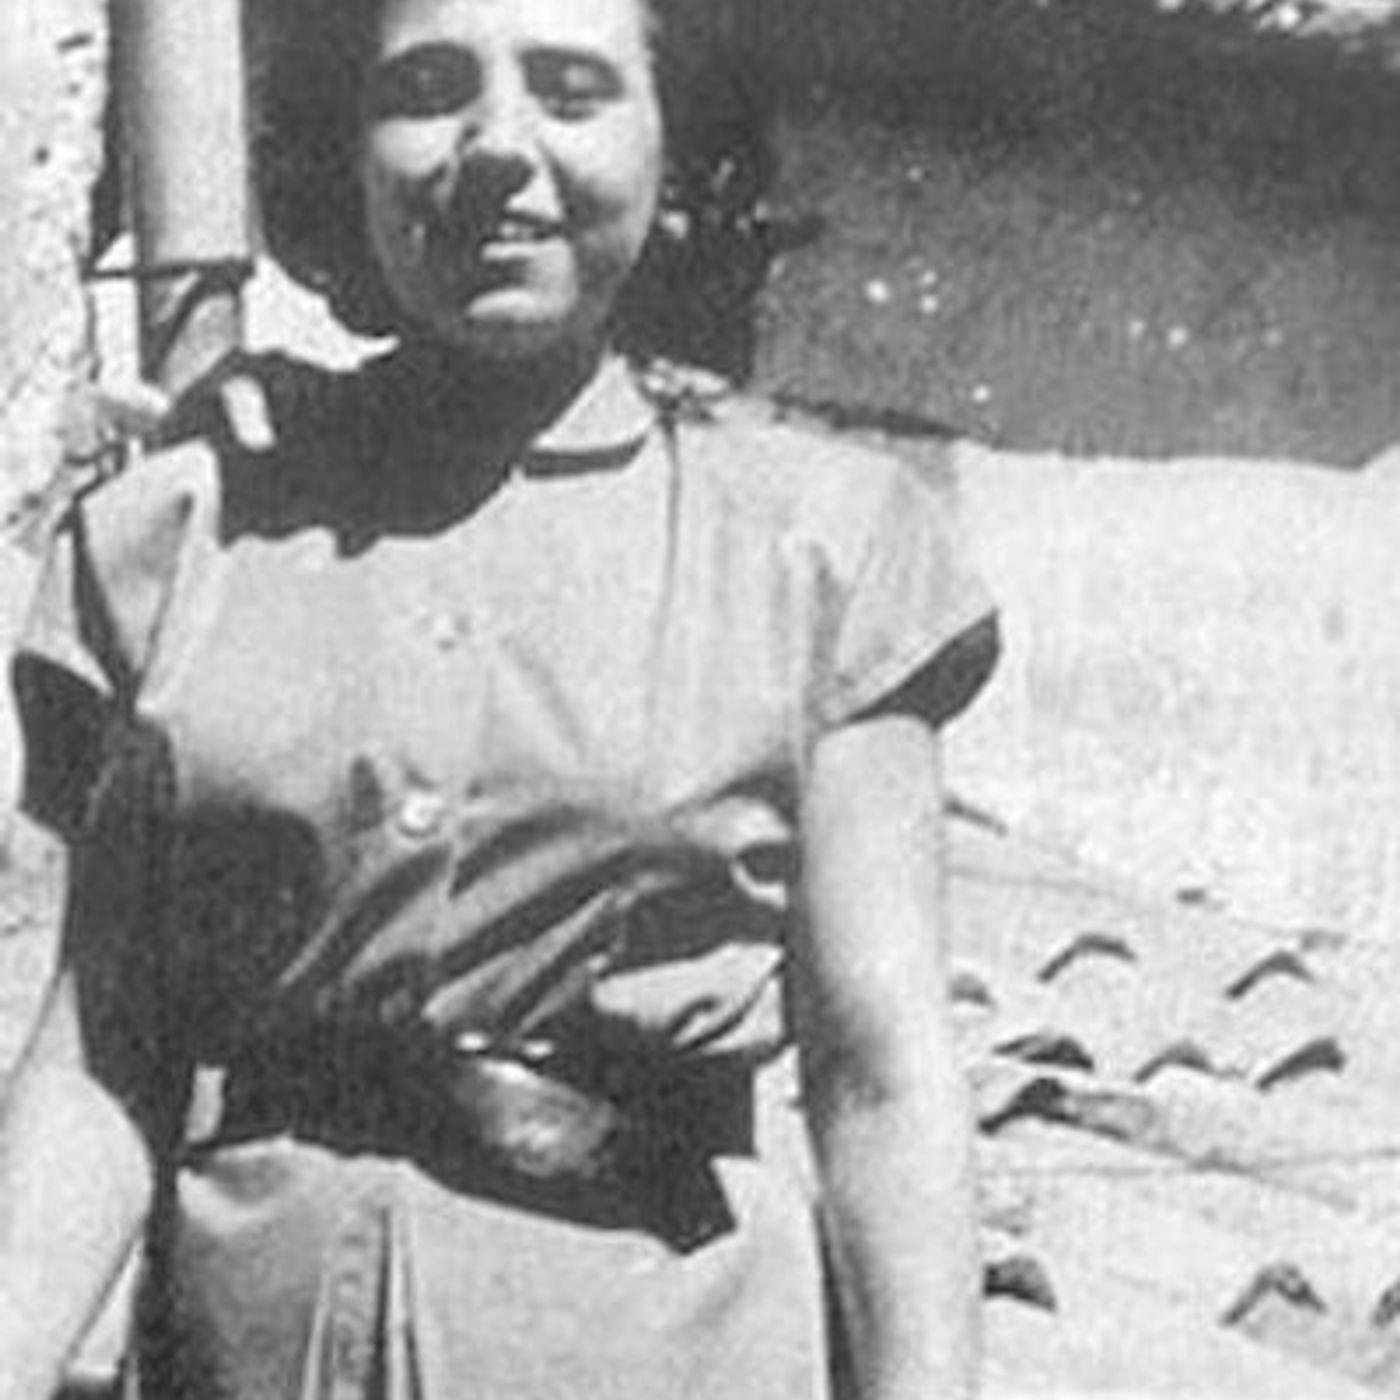 L'omicidio di Antonietta Longo